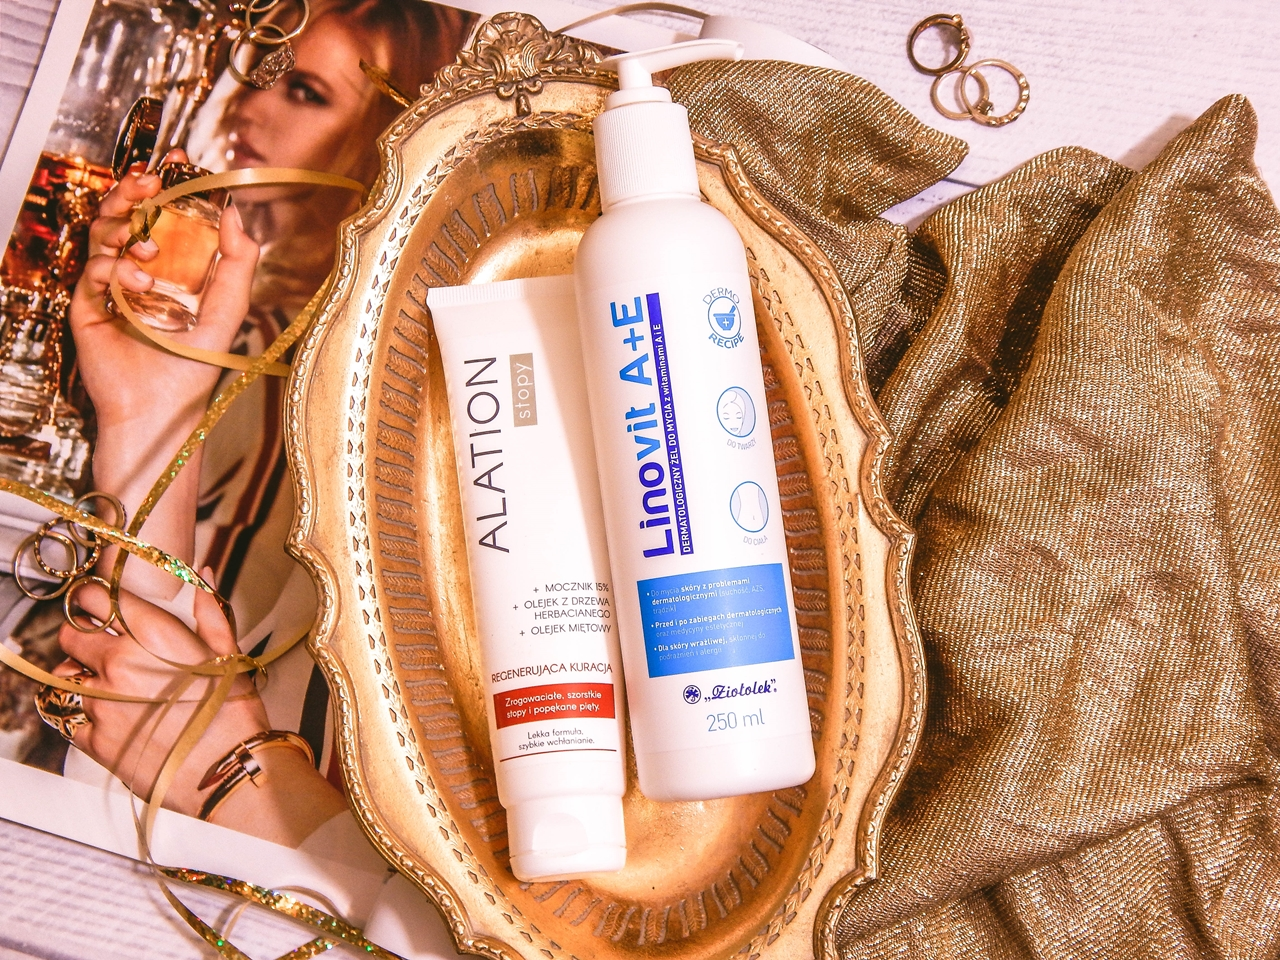 1 ziołolek Linovit a + e dermatologiczny żel do mycia z witaminami  recenzja opinia działanie alation stopy regenerująca kuracja szorstkie stopy popękane pięty jak dbać o stopy zimą produkty do skóry wrażliwej